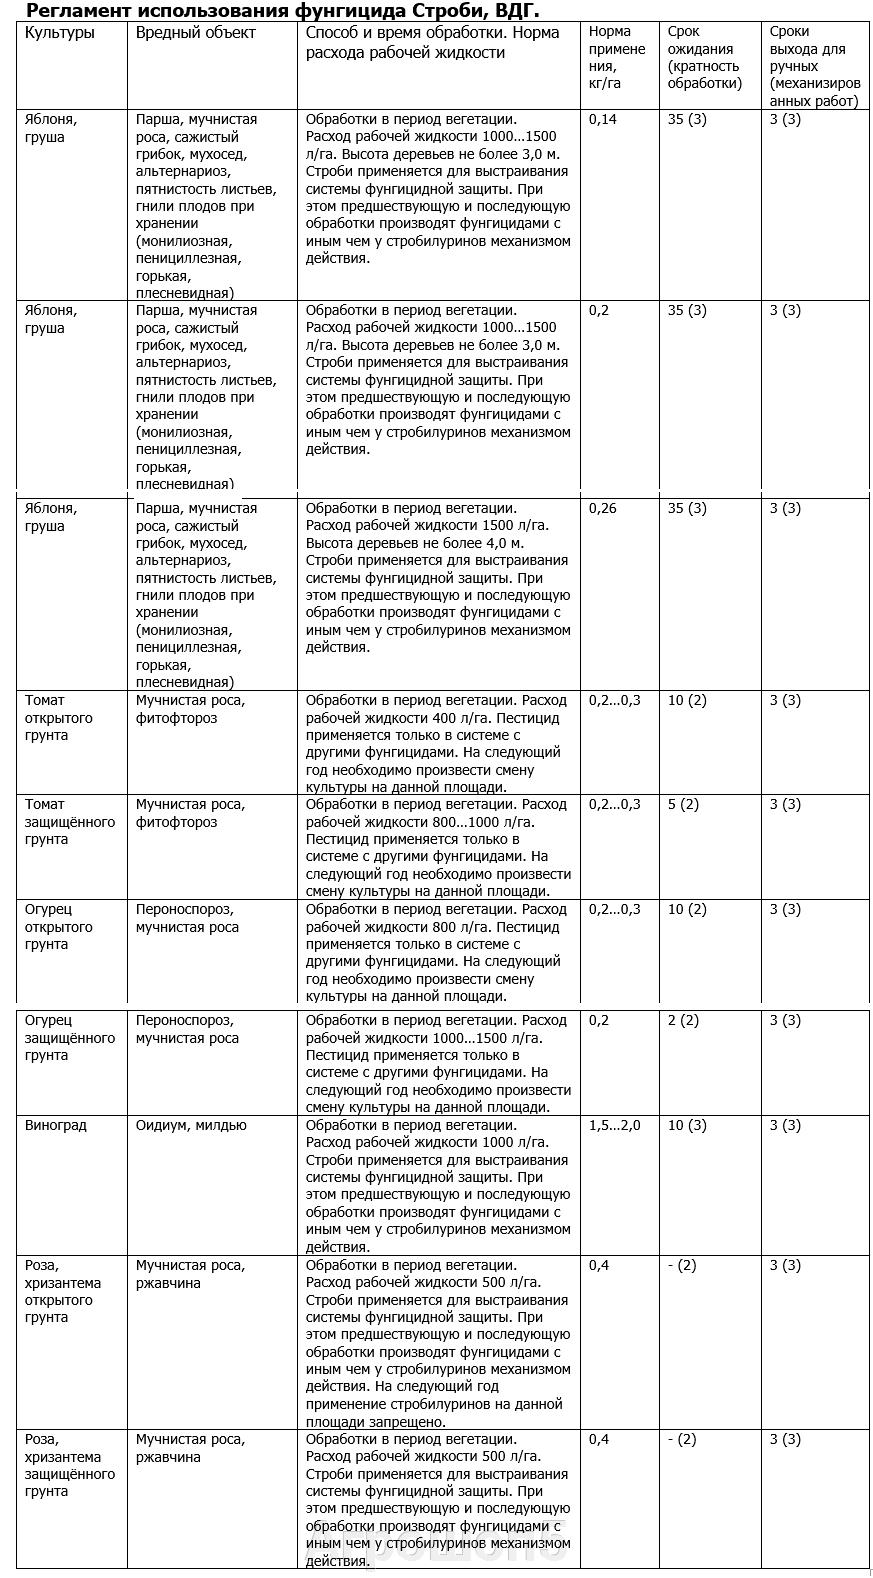 Регламент в сельском хозяйстве